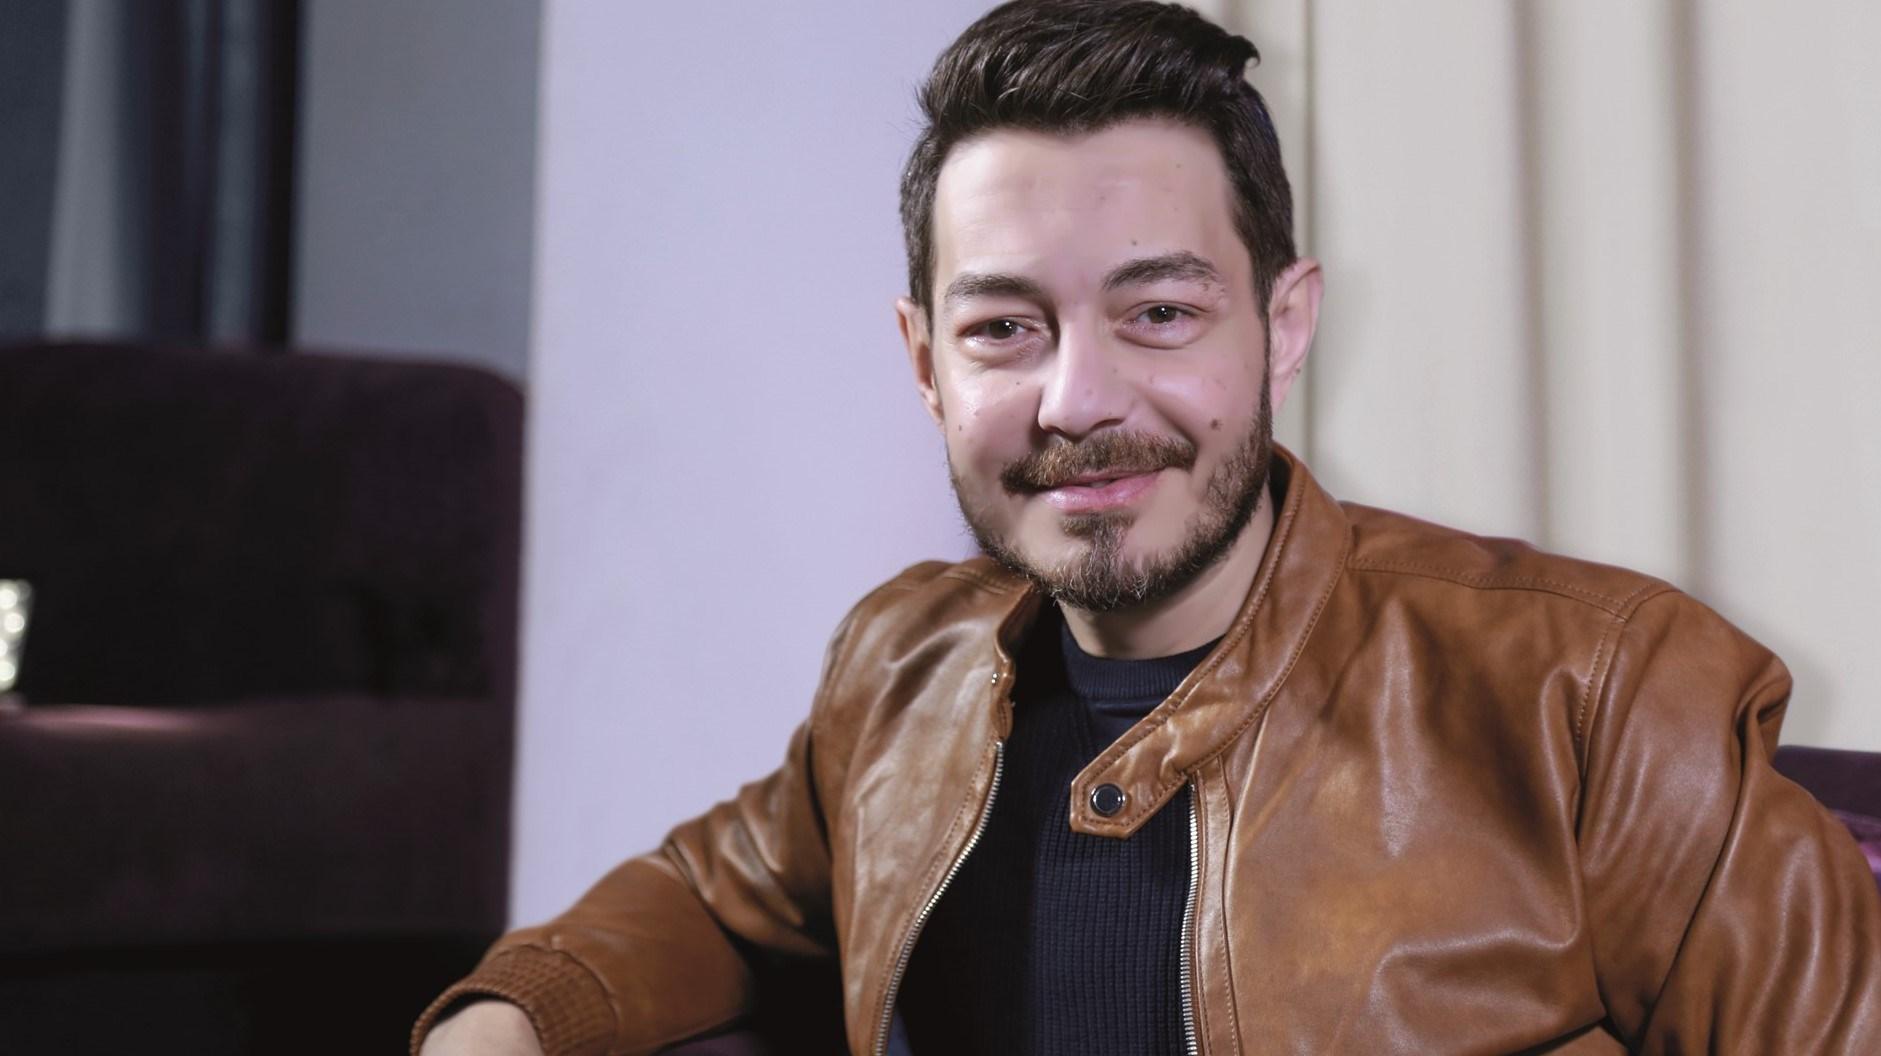 أحمد زاهر يهنئ طفلته بعيد ميلادها.. ونجوم الفن يتفاعلون